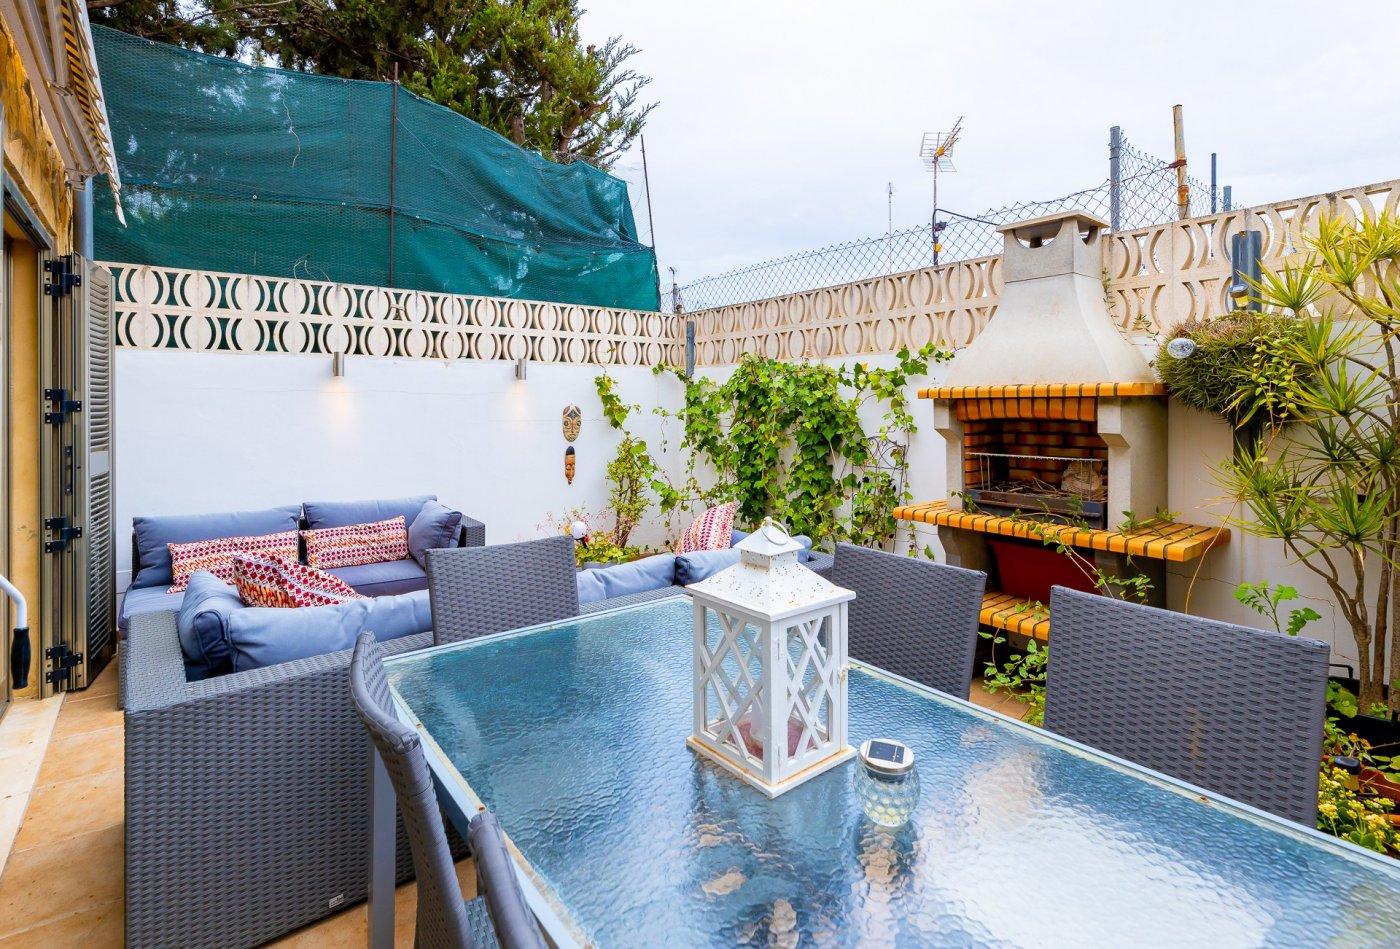 Casa techo libre en el coll den rebassa, palma - imagenInmueble19